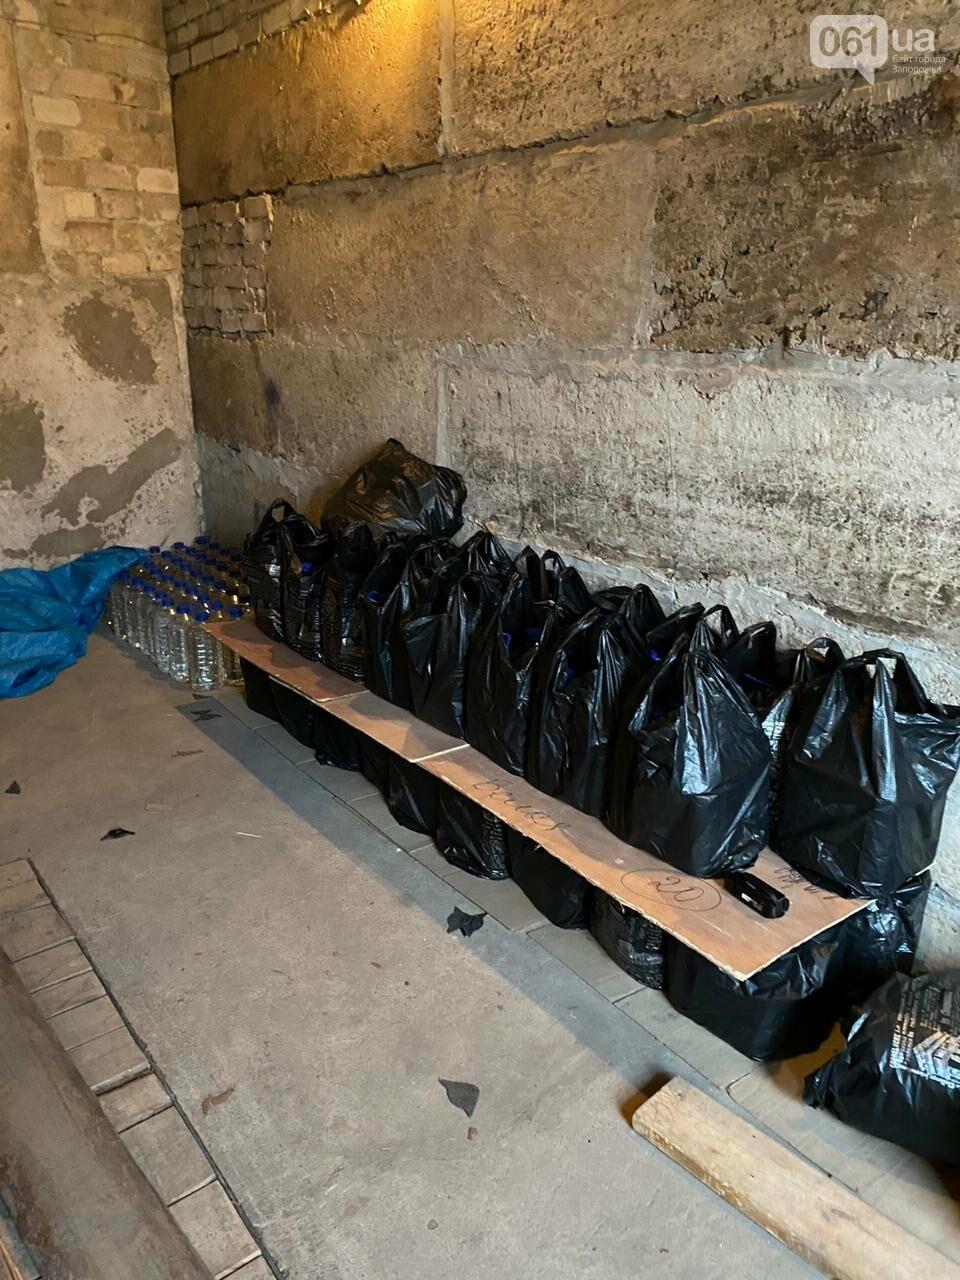 В Запорожской области обнаружили 2,5 тонны фальсифицированного алкоголя, фото-6